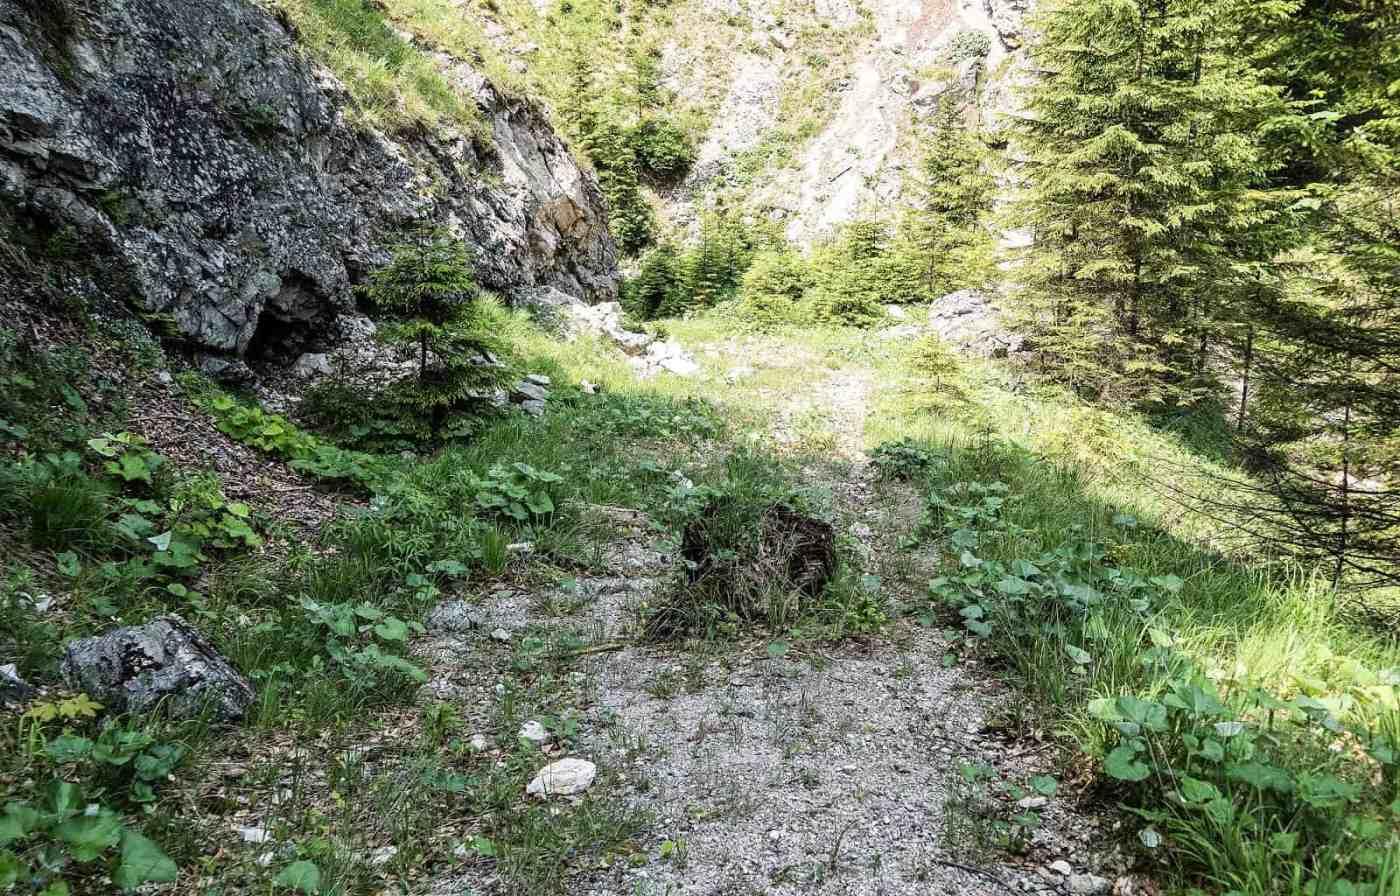 Kalkalpen Wilderness 233.jpg - © European Wilderness Society CC BY-NC-ND 4.0